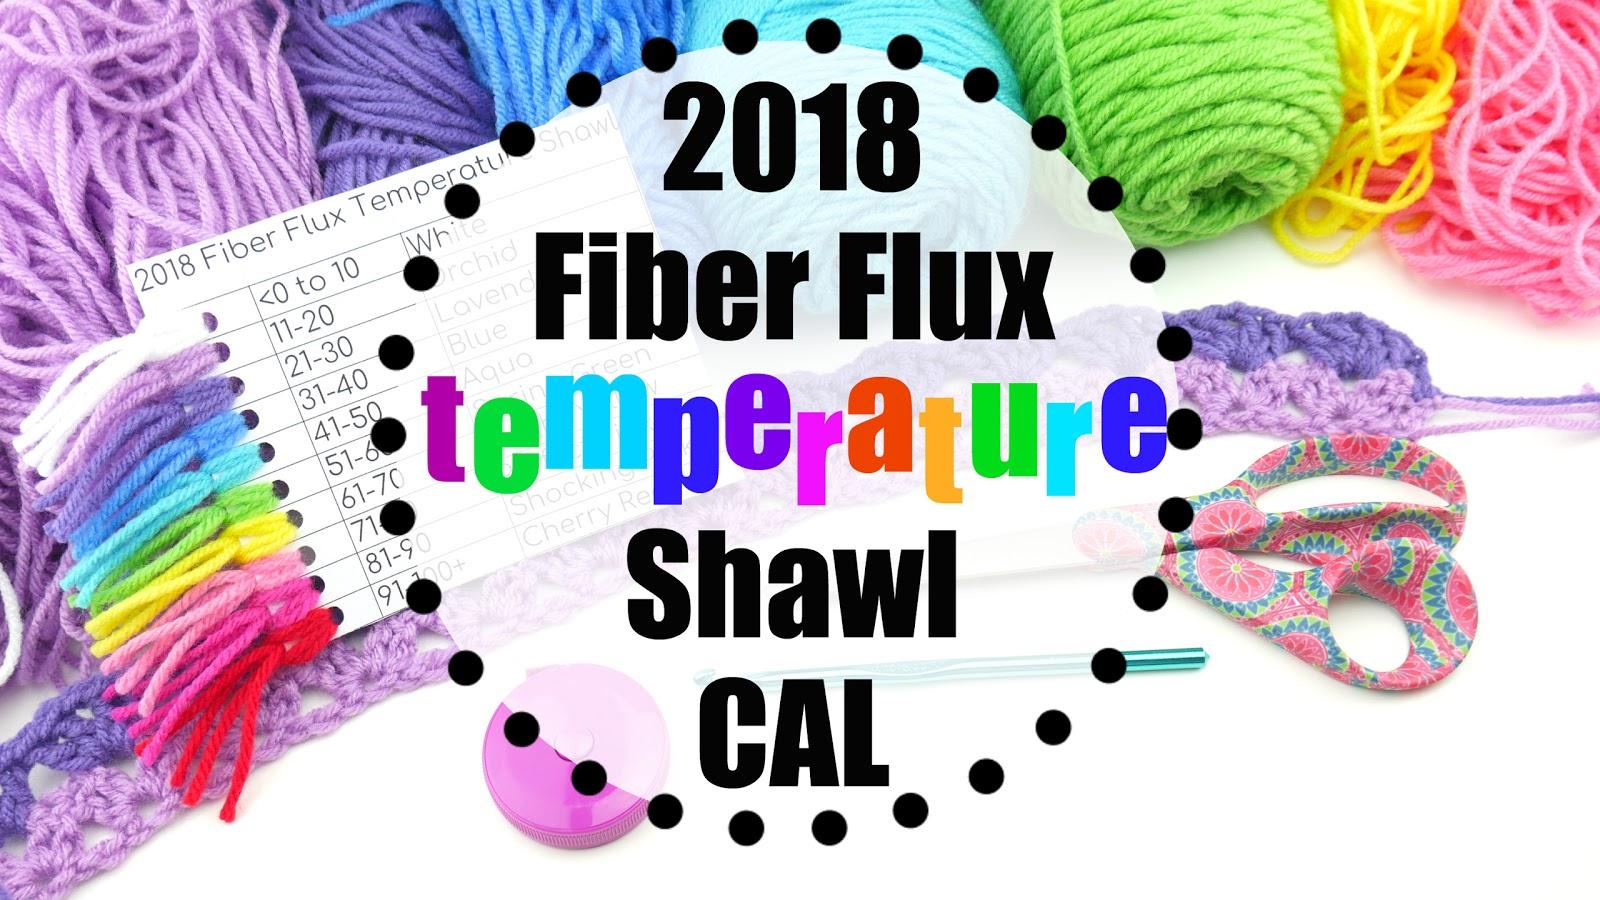 Fiber Flux 2018 Fiber Flux Temperature Shawl Cal